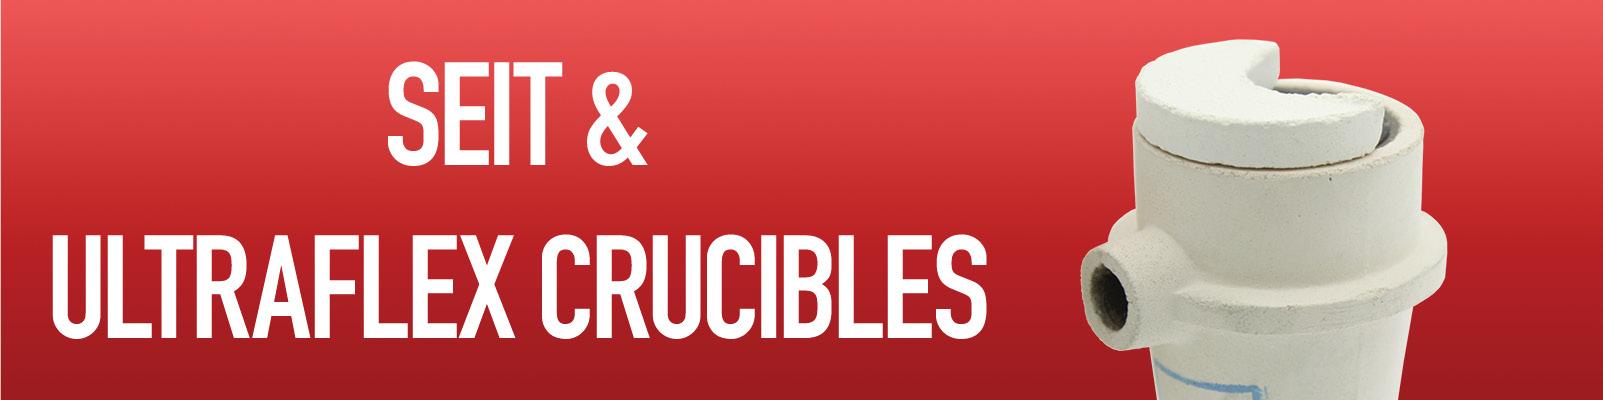 Seit / Ultraflex Crucibles